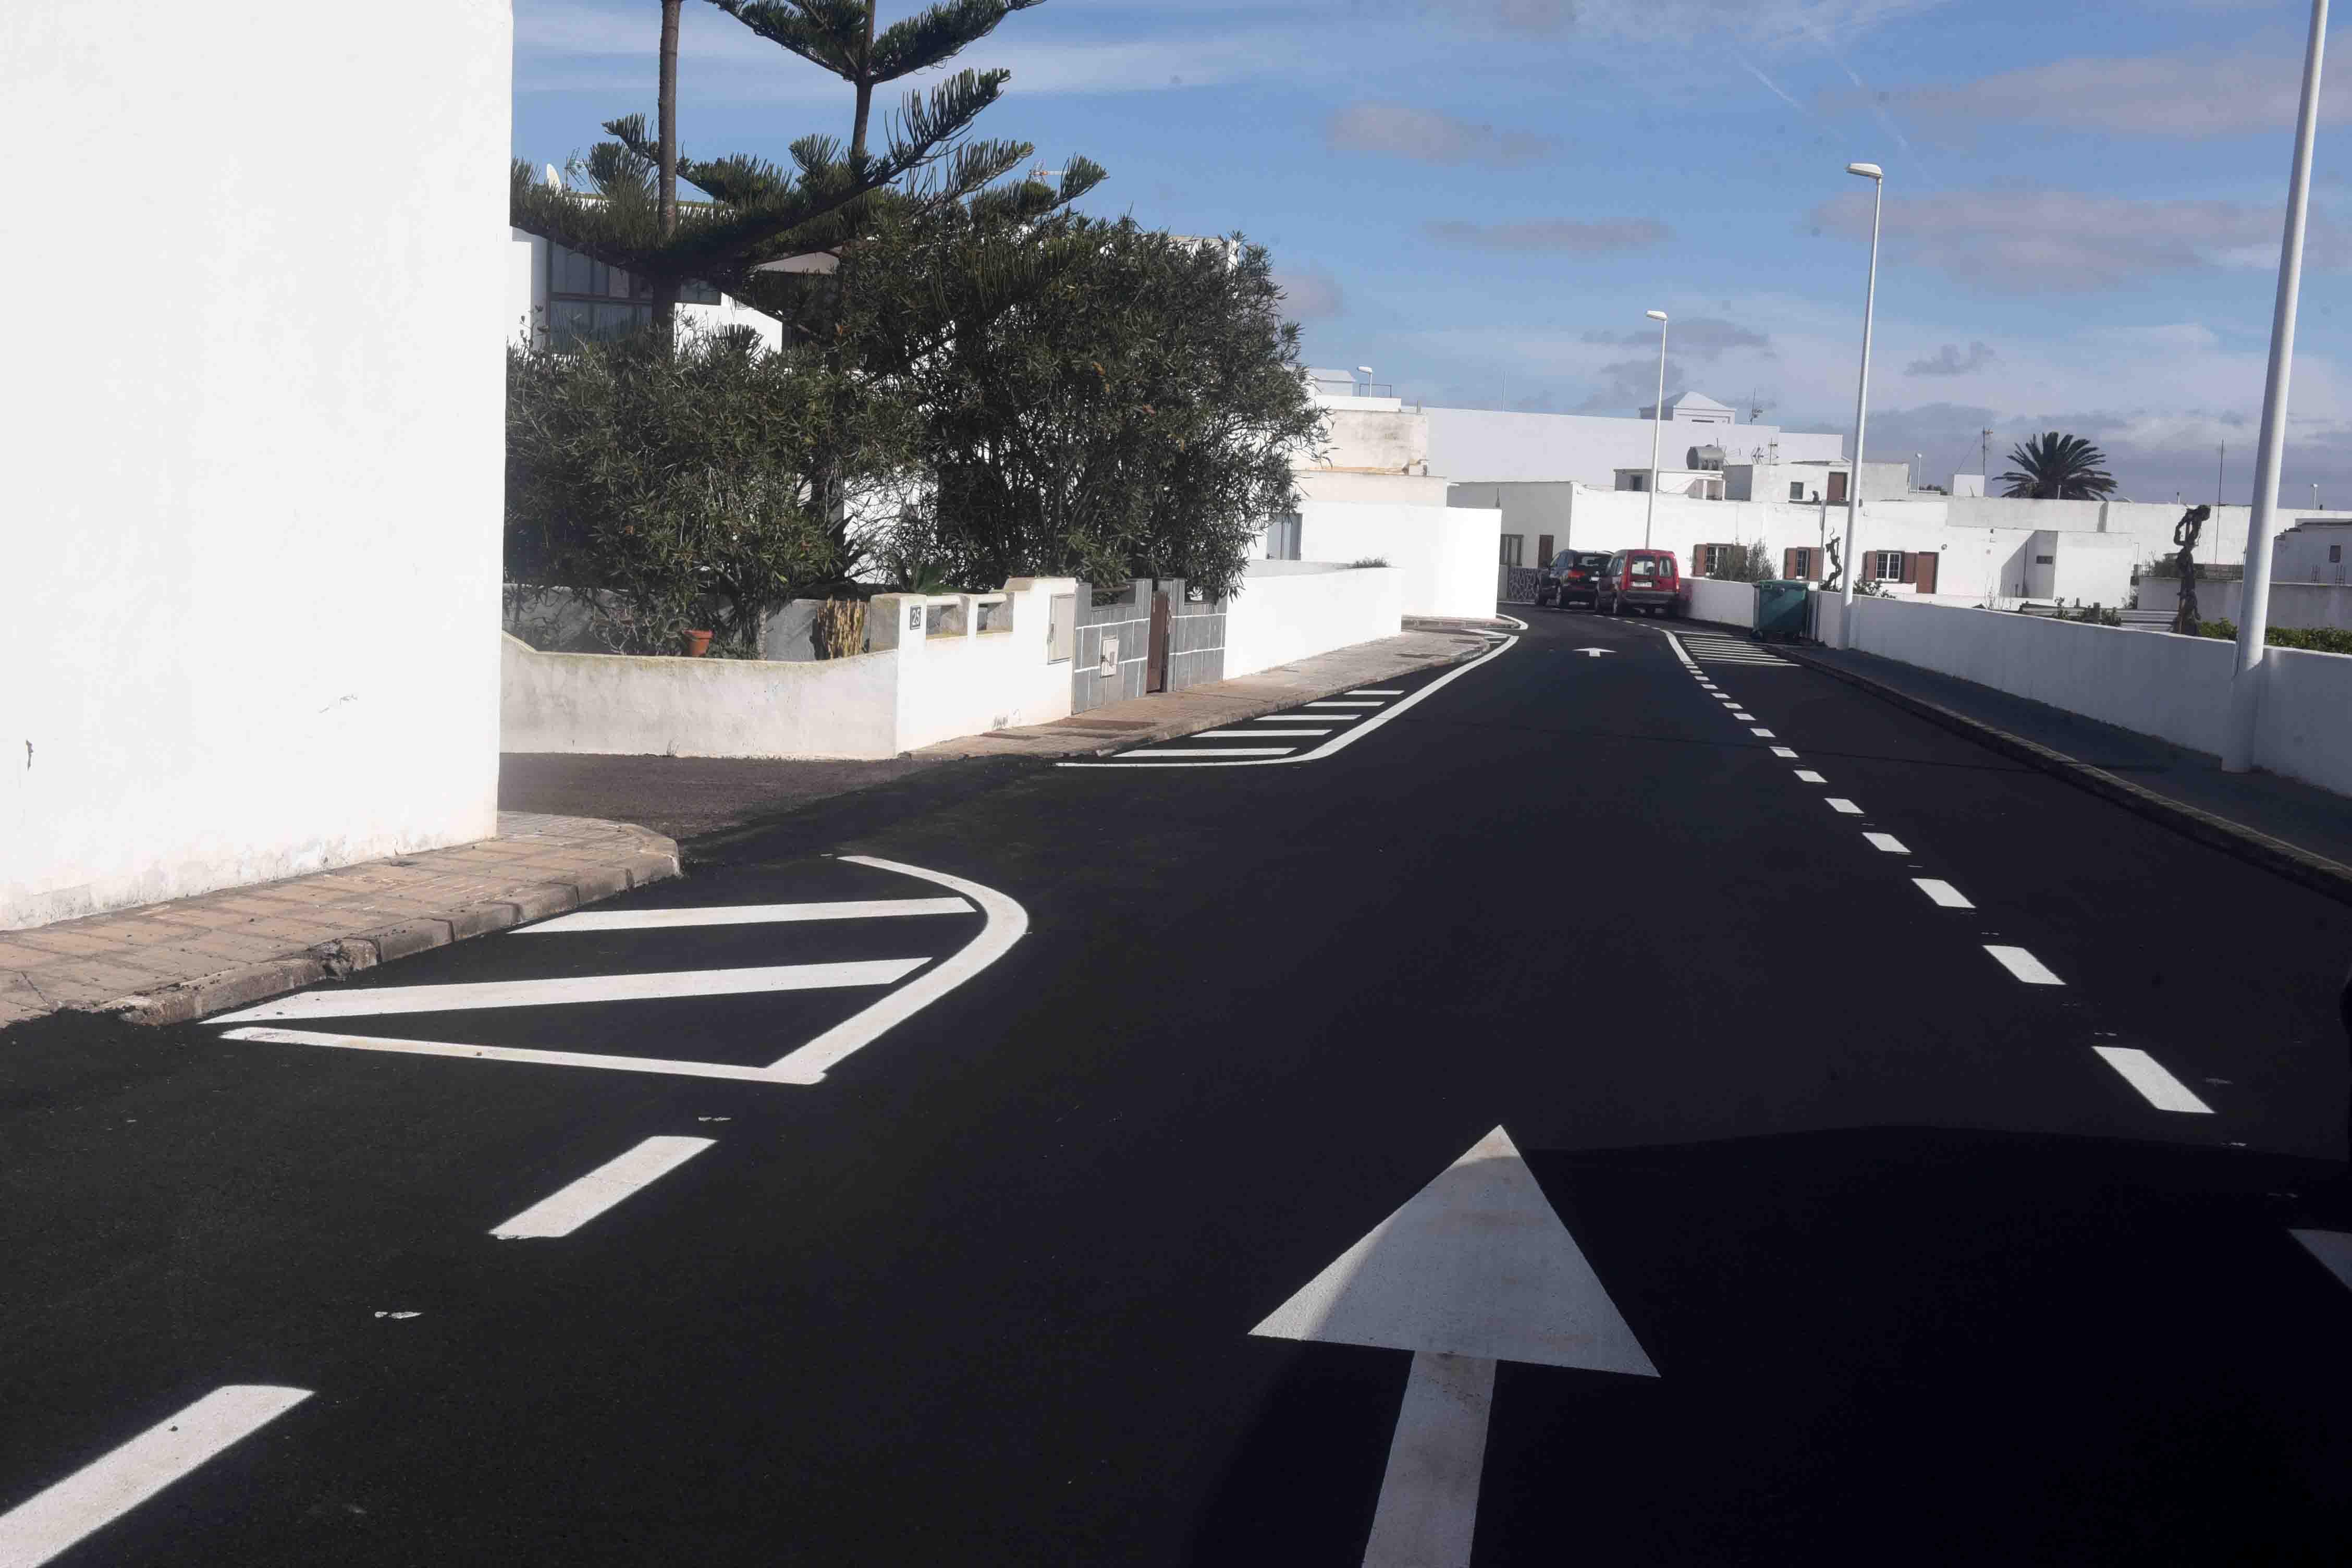 Adjudicadas obras de asfaltado en el municipio de San Bartolomé